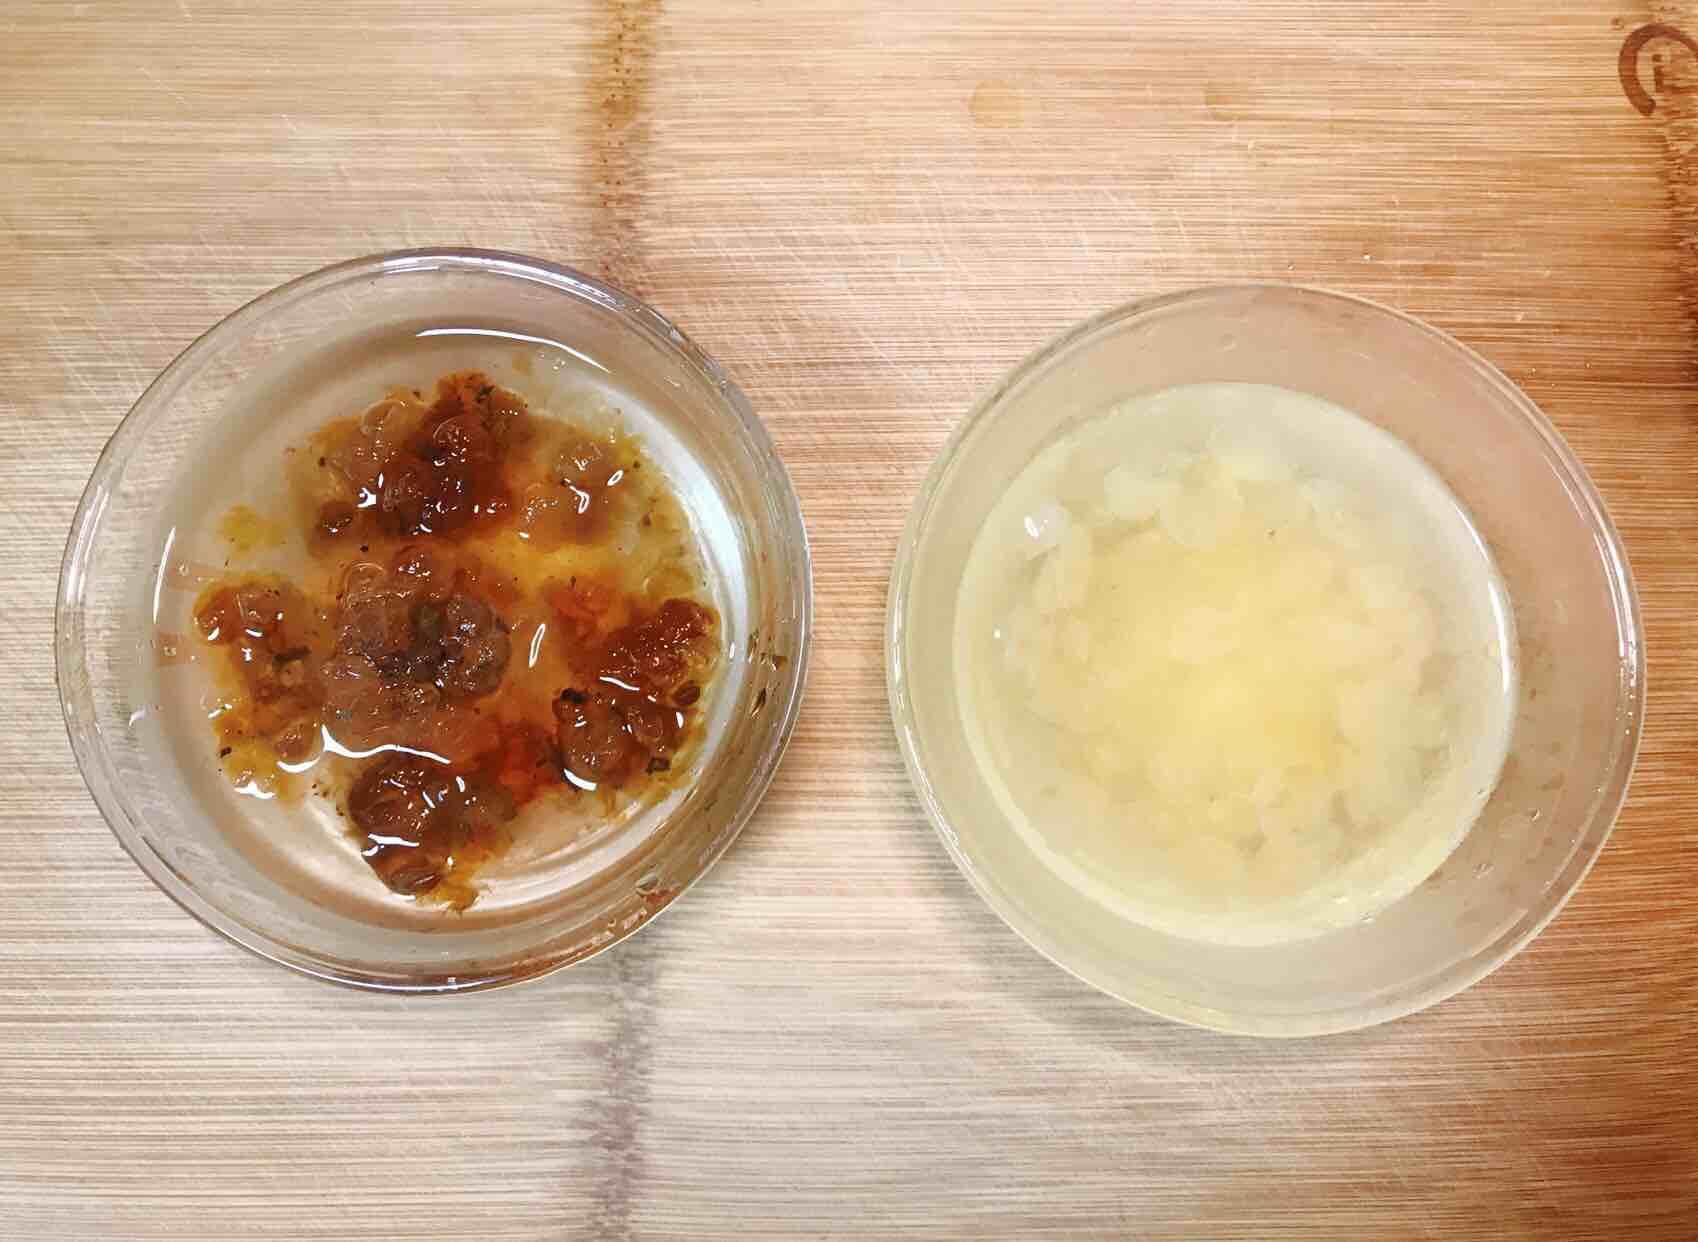 桃胶皂角百合银耳红枣羮的做法大全